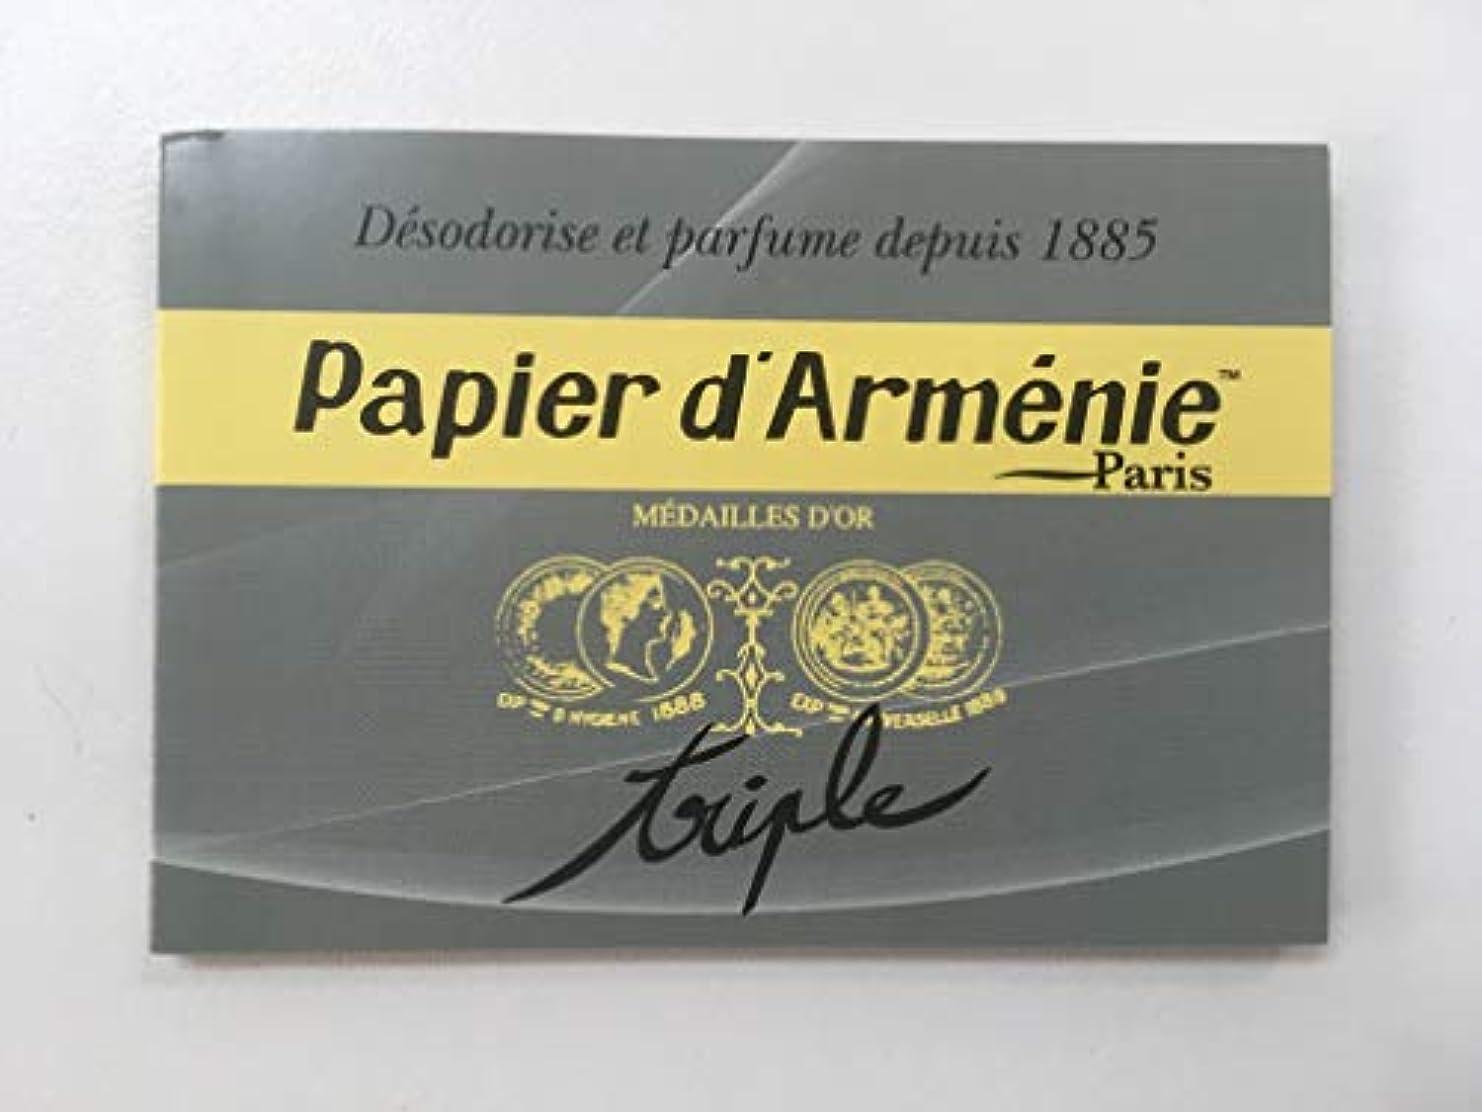 干渉ストラトフォードオンエイボン抽象紙のお香 PAPIER D'ARMENIE  パピエダルメニイ トリプル 6点組